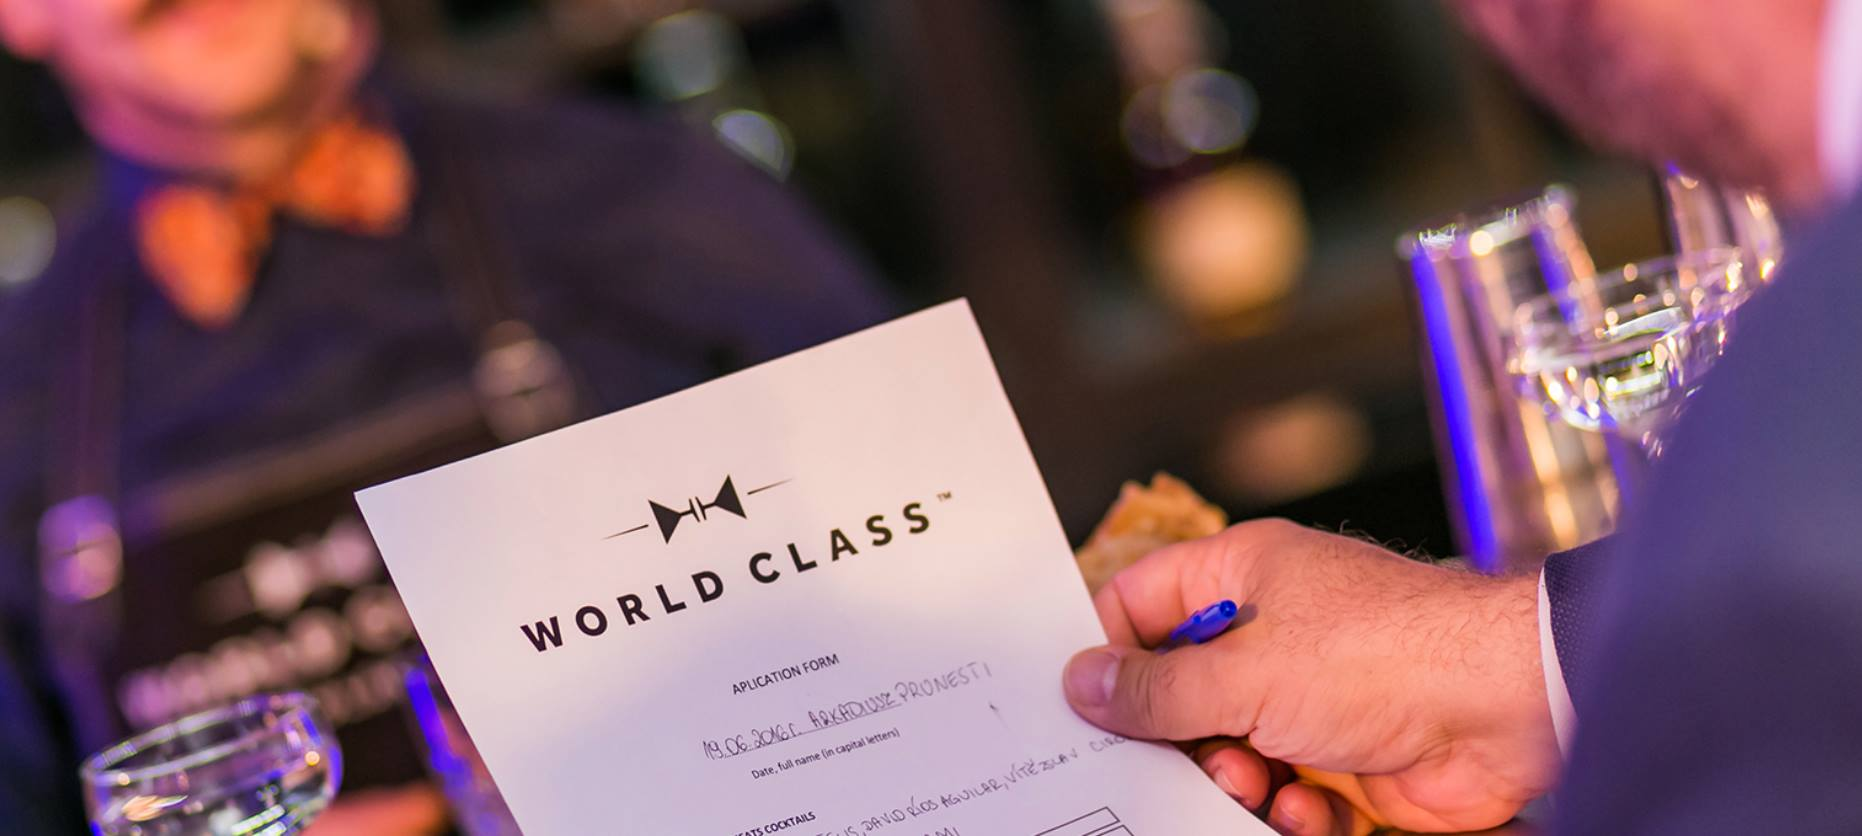 worlclass2017